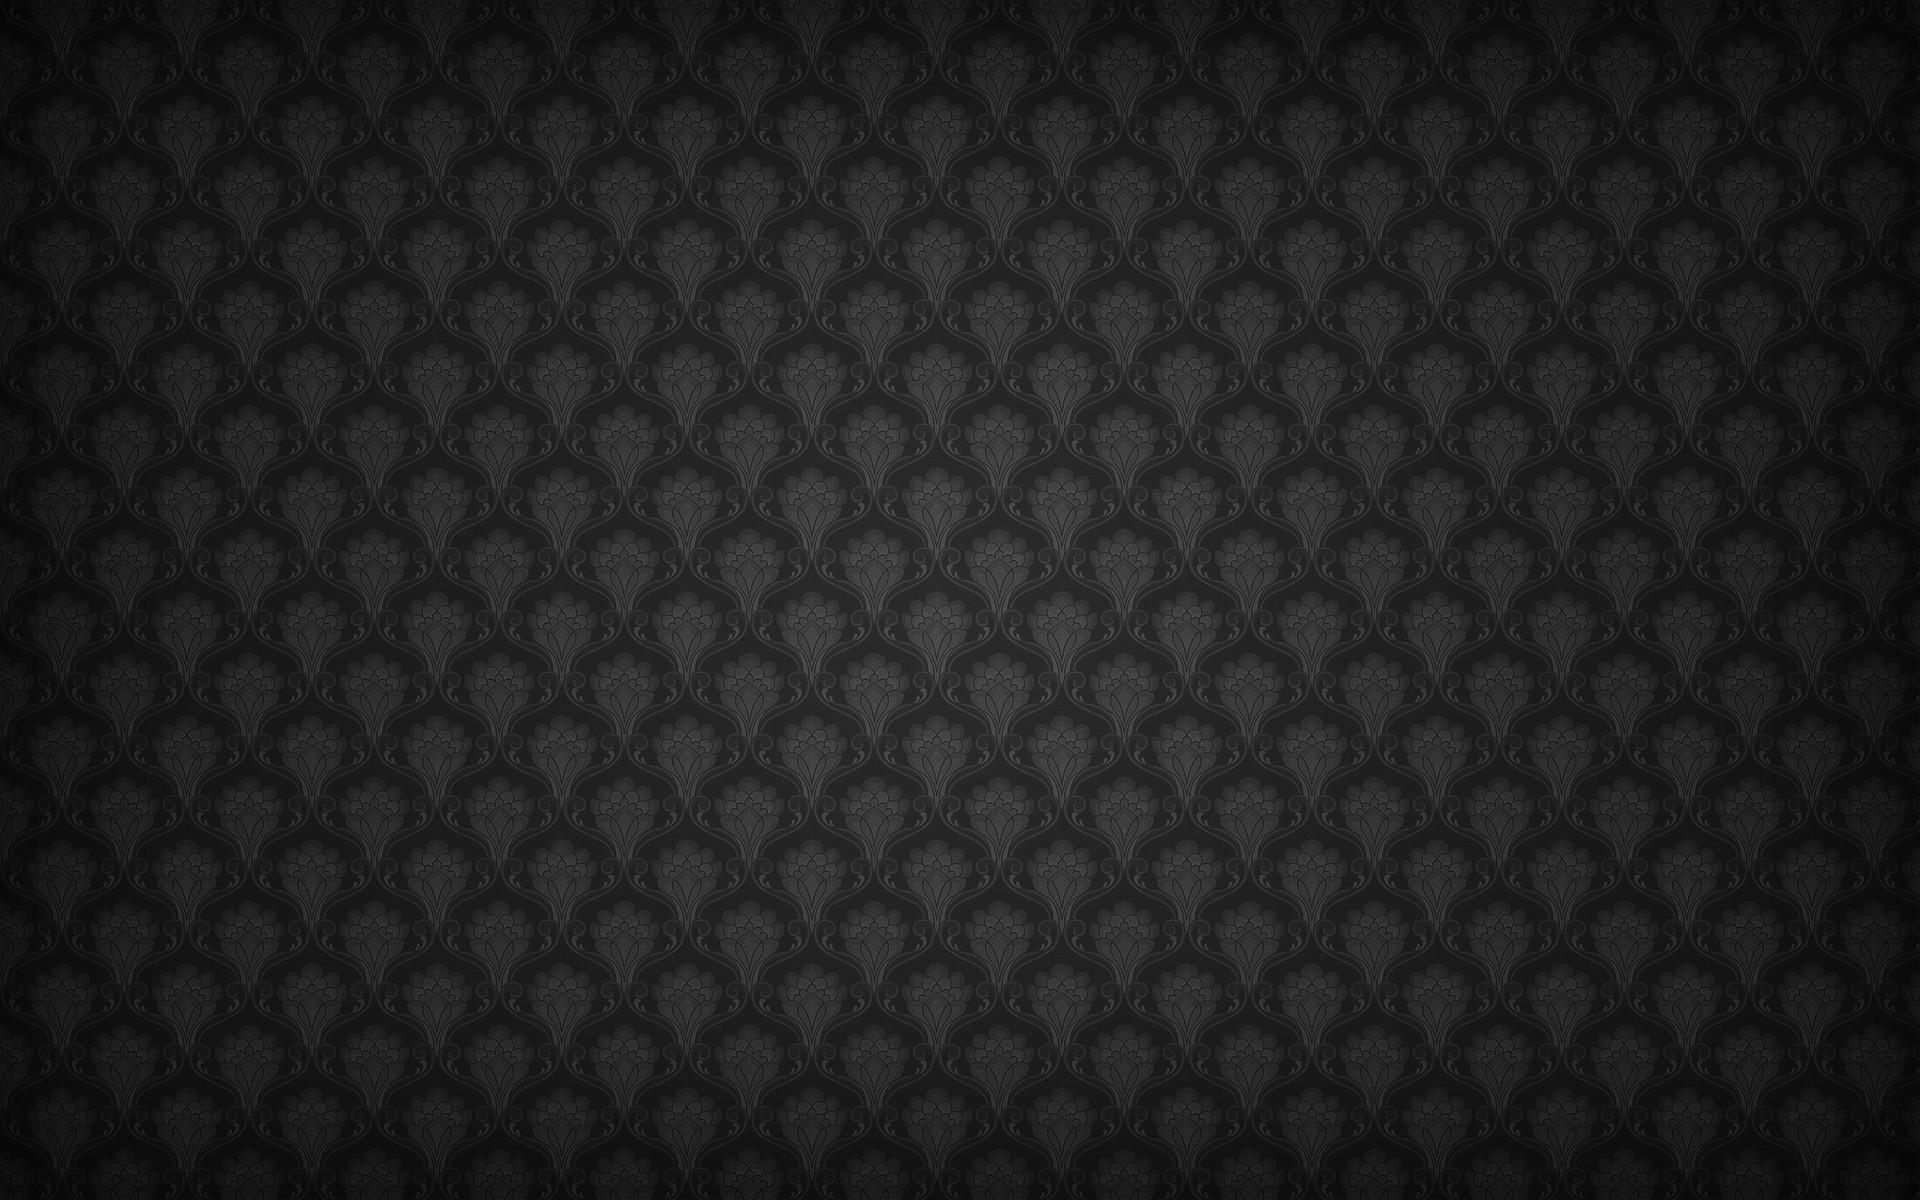 3D Abstract Pattern high resolution wallpaper HD Wallpaper 1920x1200